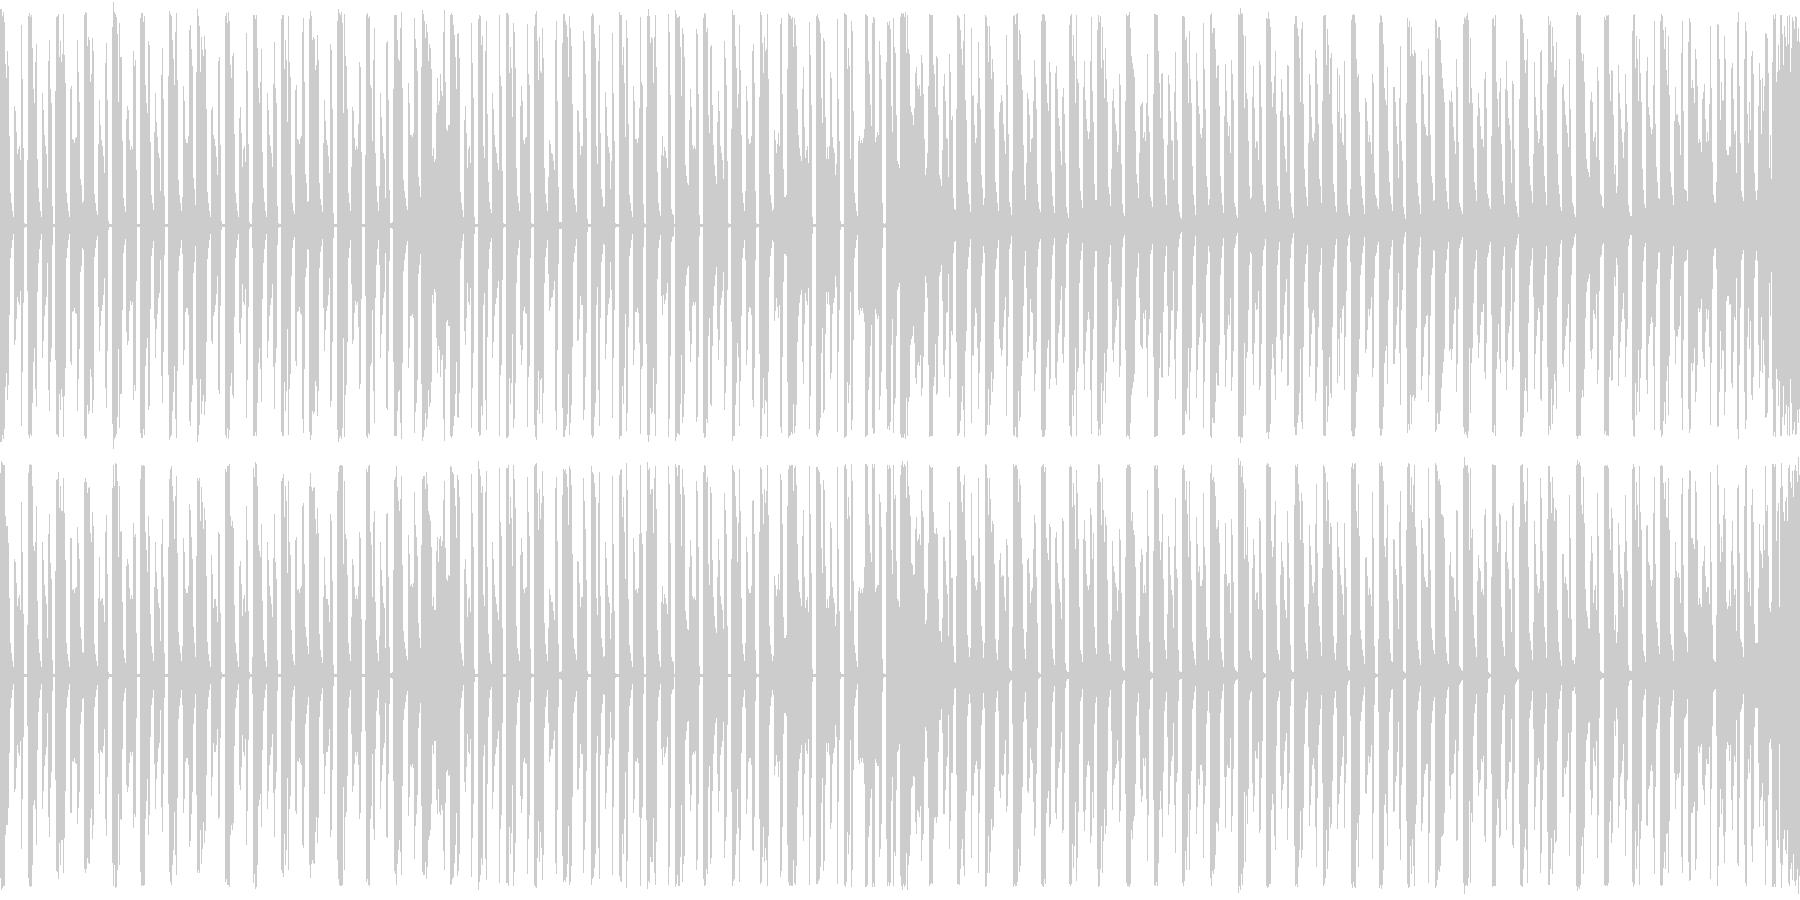 ループ,シューティング,シンプルBGMの未再生の波形